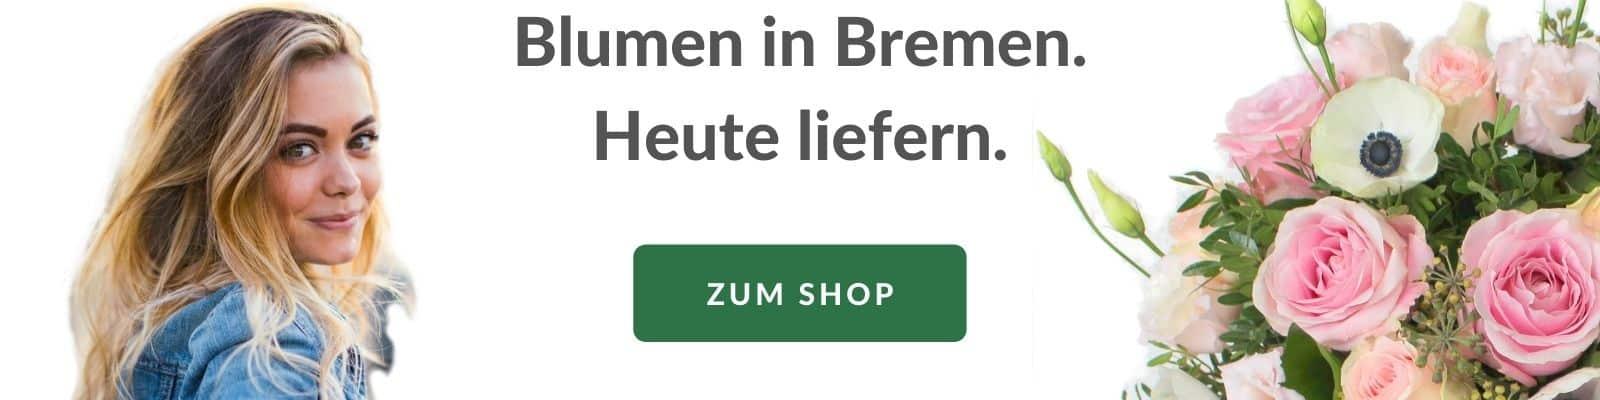 Blumen verschicken Bremen - Blumenversand